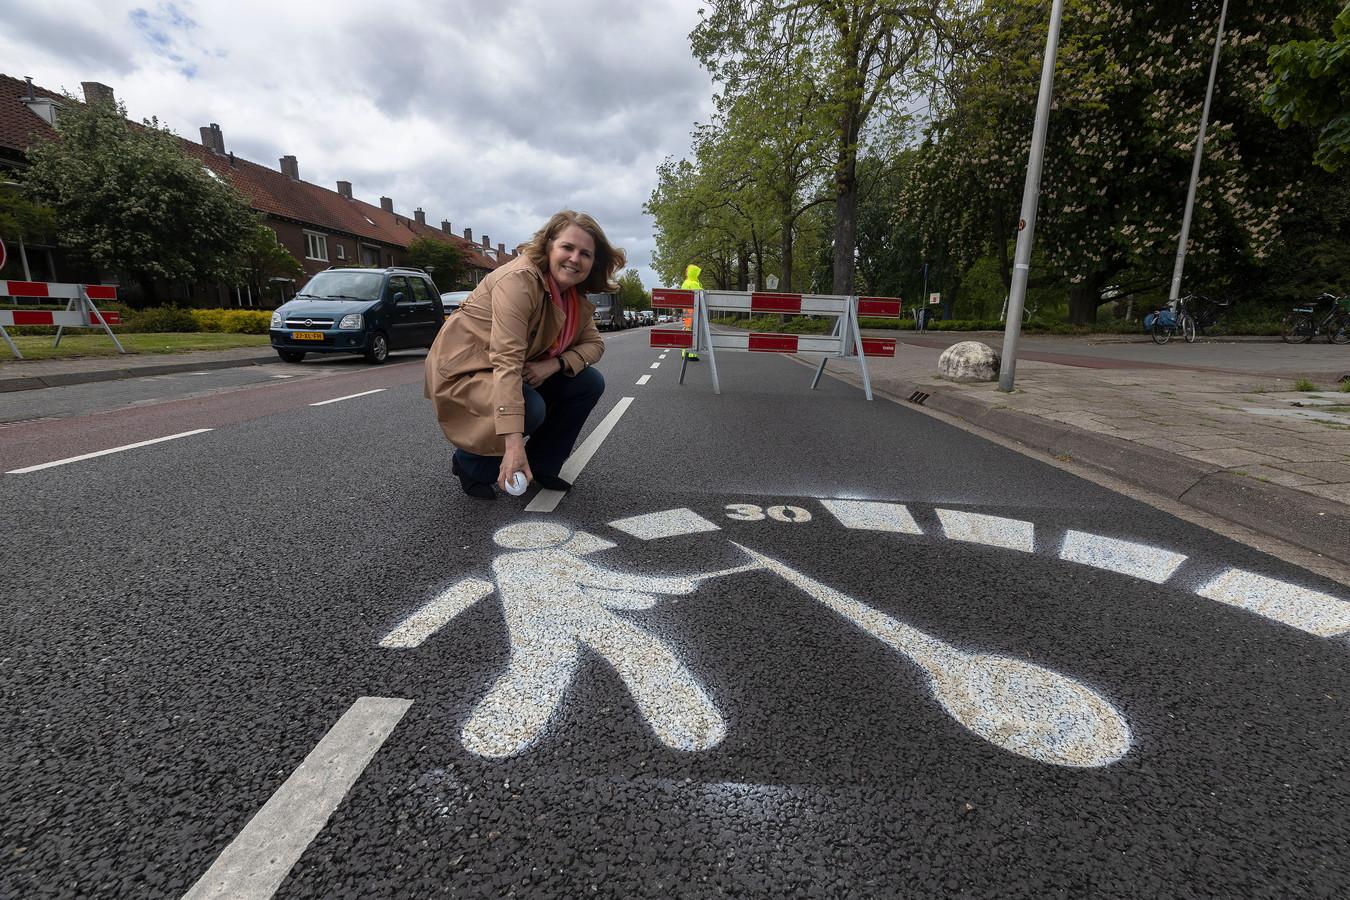 Eindhoven ED2021-11203 wethouder *Monique List* bij de snelheidsbeperkende wegmarkering in de Sint Bonifaciuslaan